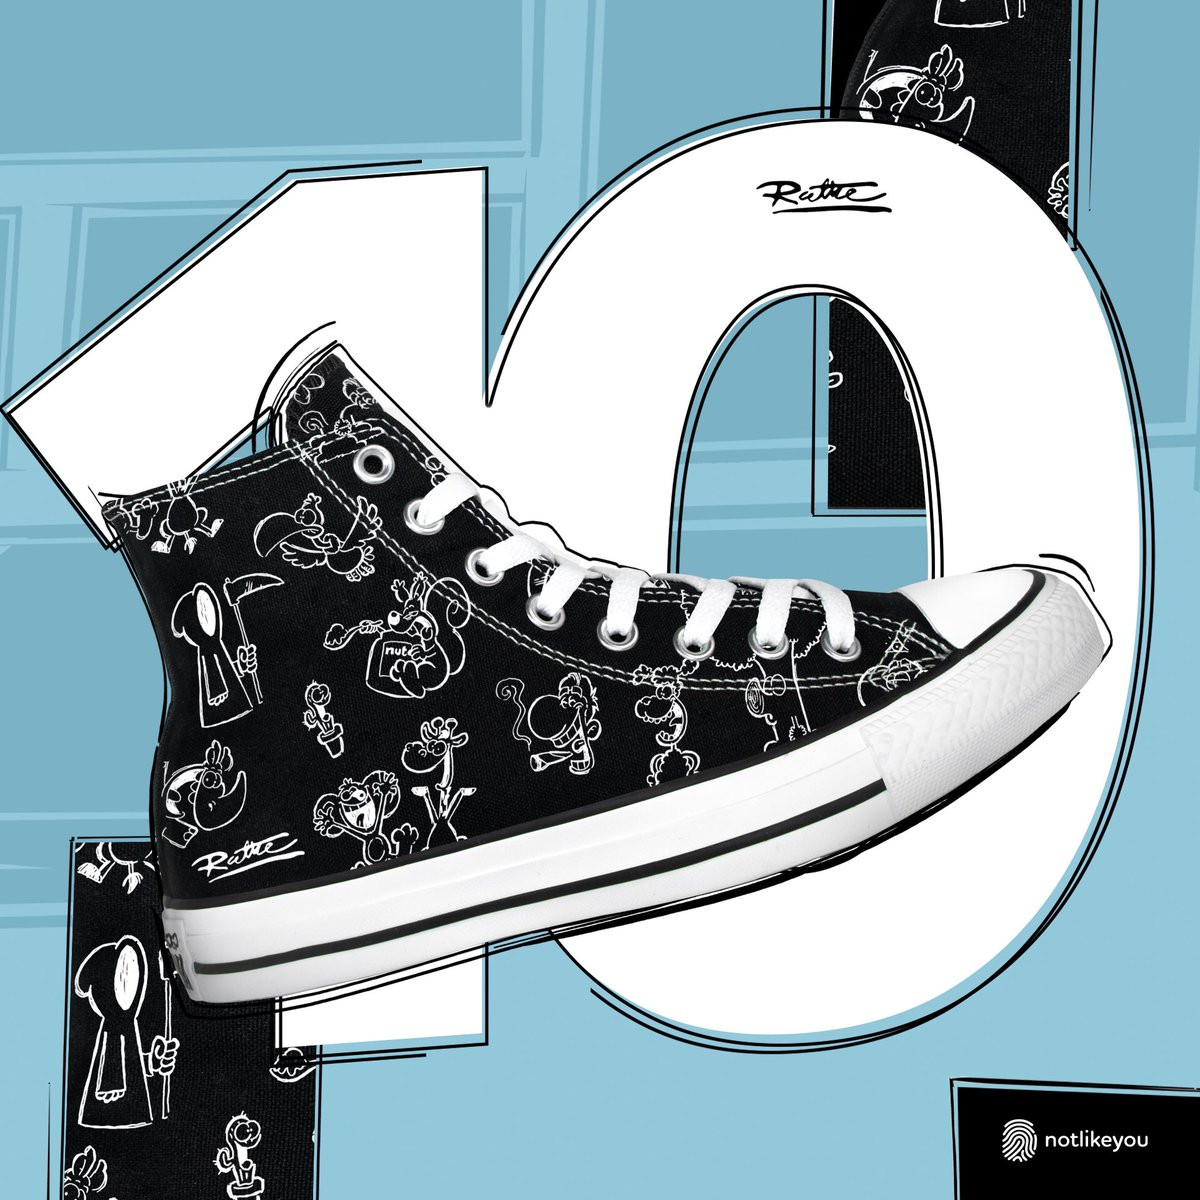 """Sie sind da: Sneaker von Converse im RUTHE-DESIGN! Ihr bekommt sie bei notlikeyou.com - täglich gibt's ein neues Design + an diesem Tag 10% günstiger. Rabattcode: ruthe"""". Heute gibt's Motiv Nr. 10, das wie Motiv Nr. 1 ist, aber invertiert. Hier: notlikeyou.com/de/kollektion/…"""